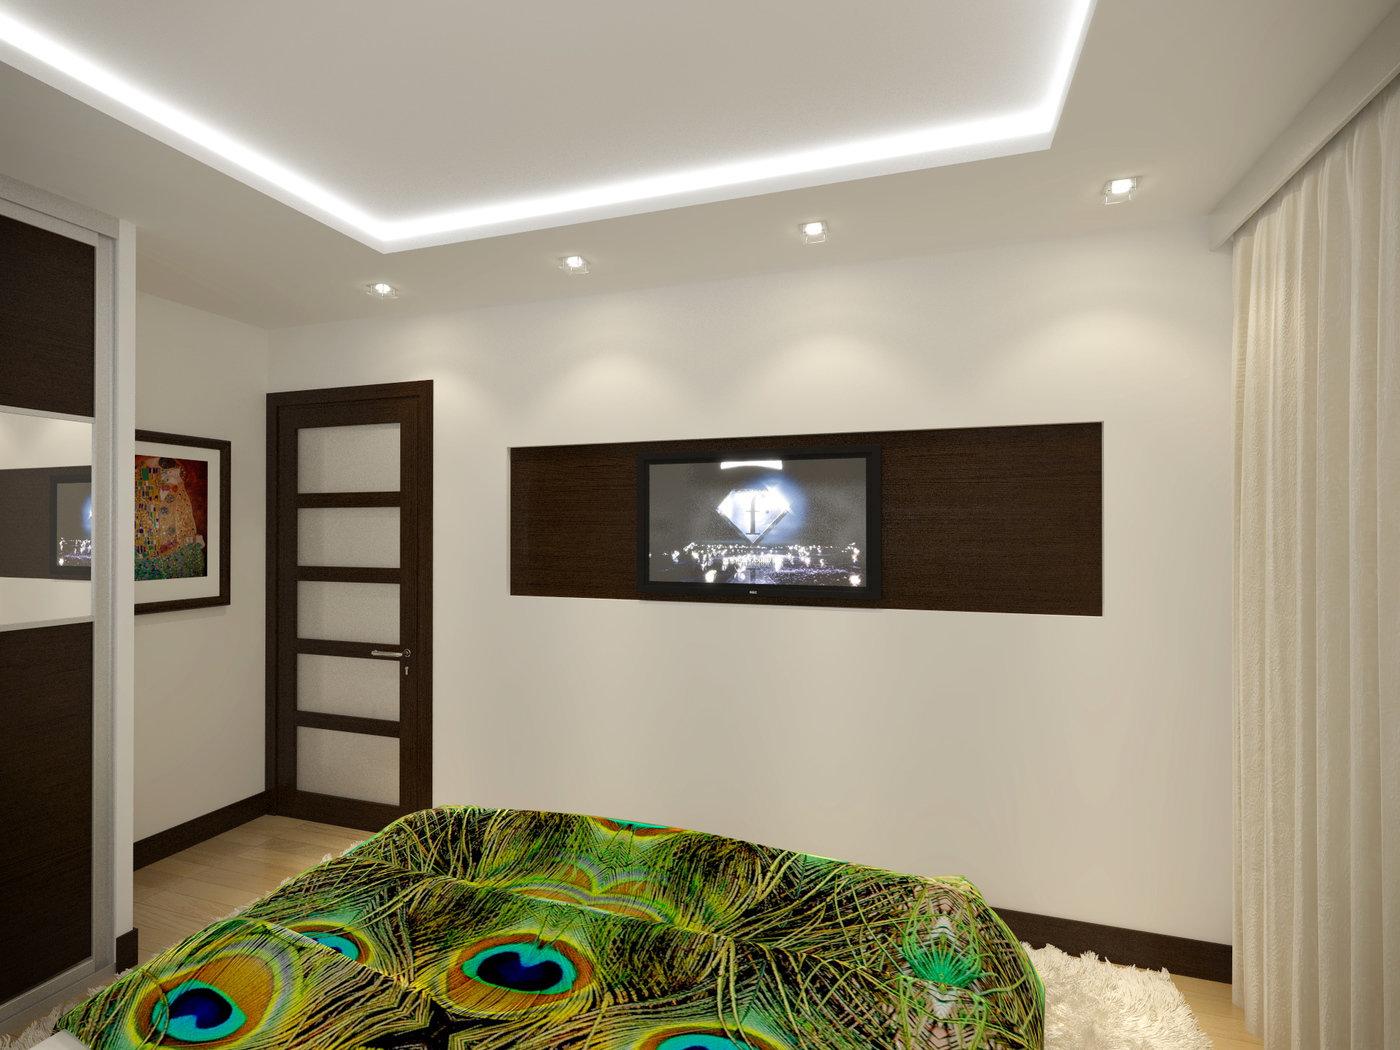 фото ремонта квартир в панельных домах з комнатная попробовать